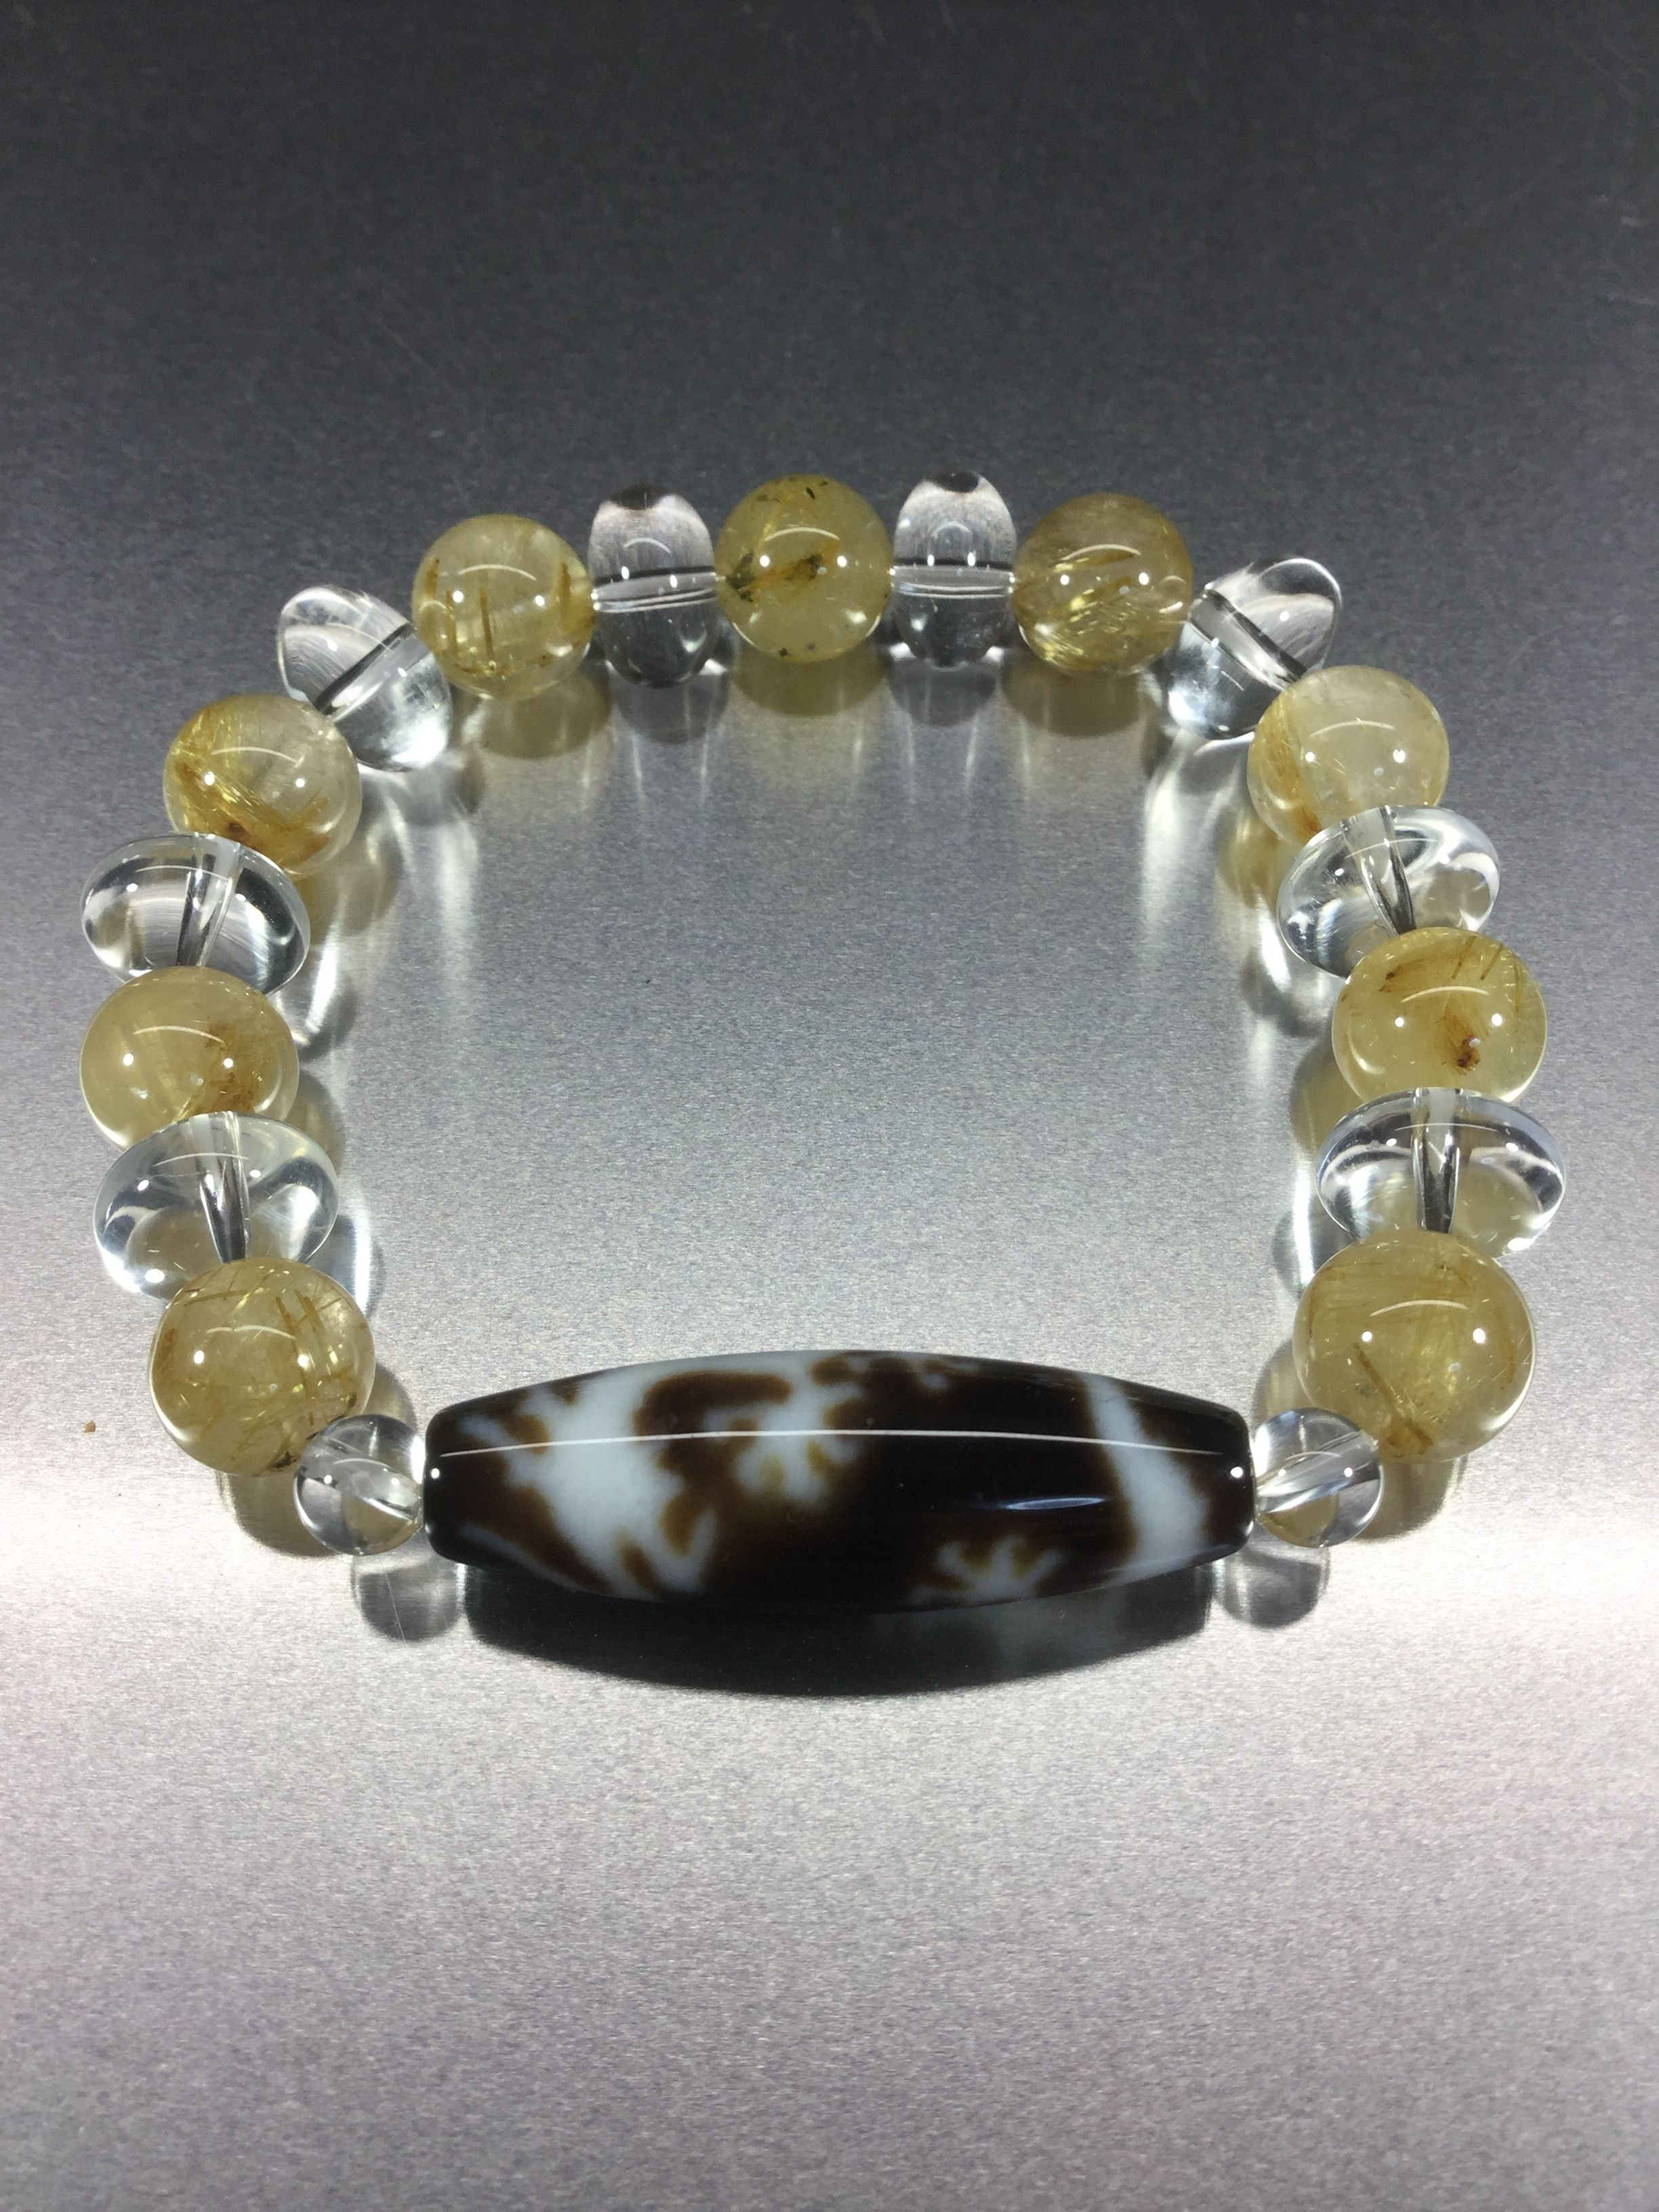 五本爪龍神天珠とゴールドルチルとボタン型水晶のブレスレット